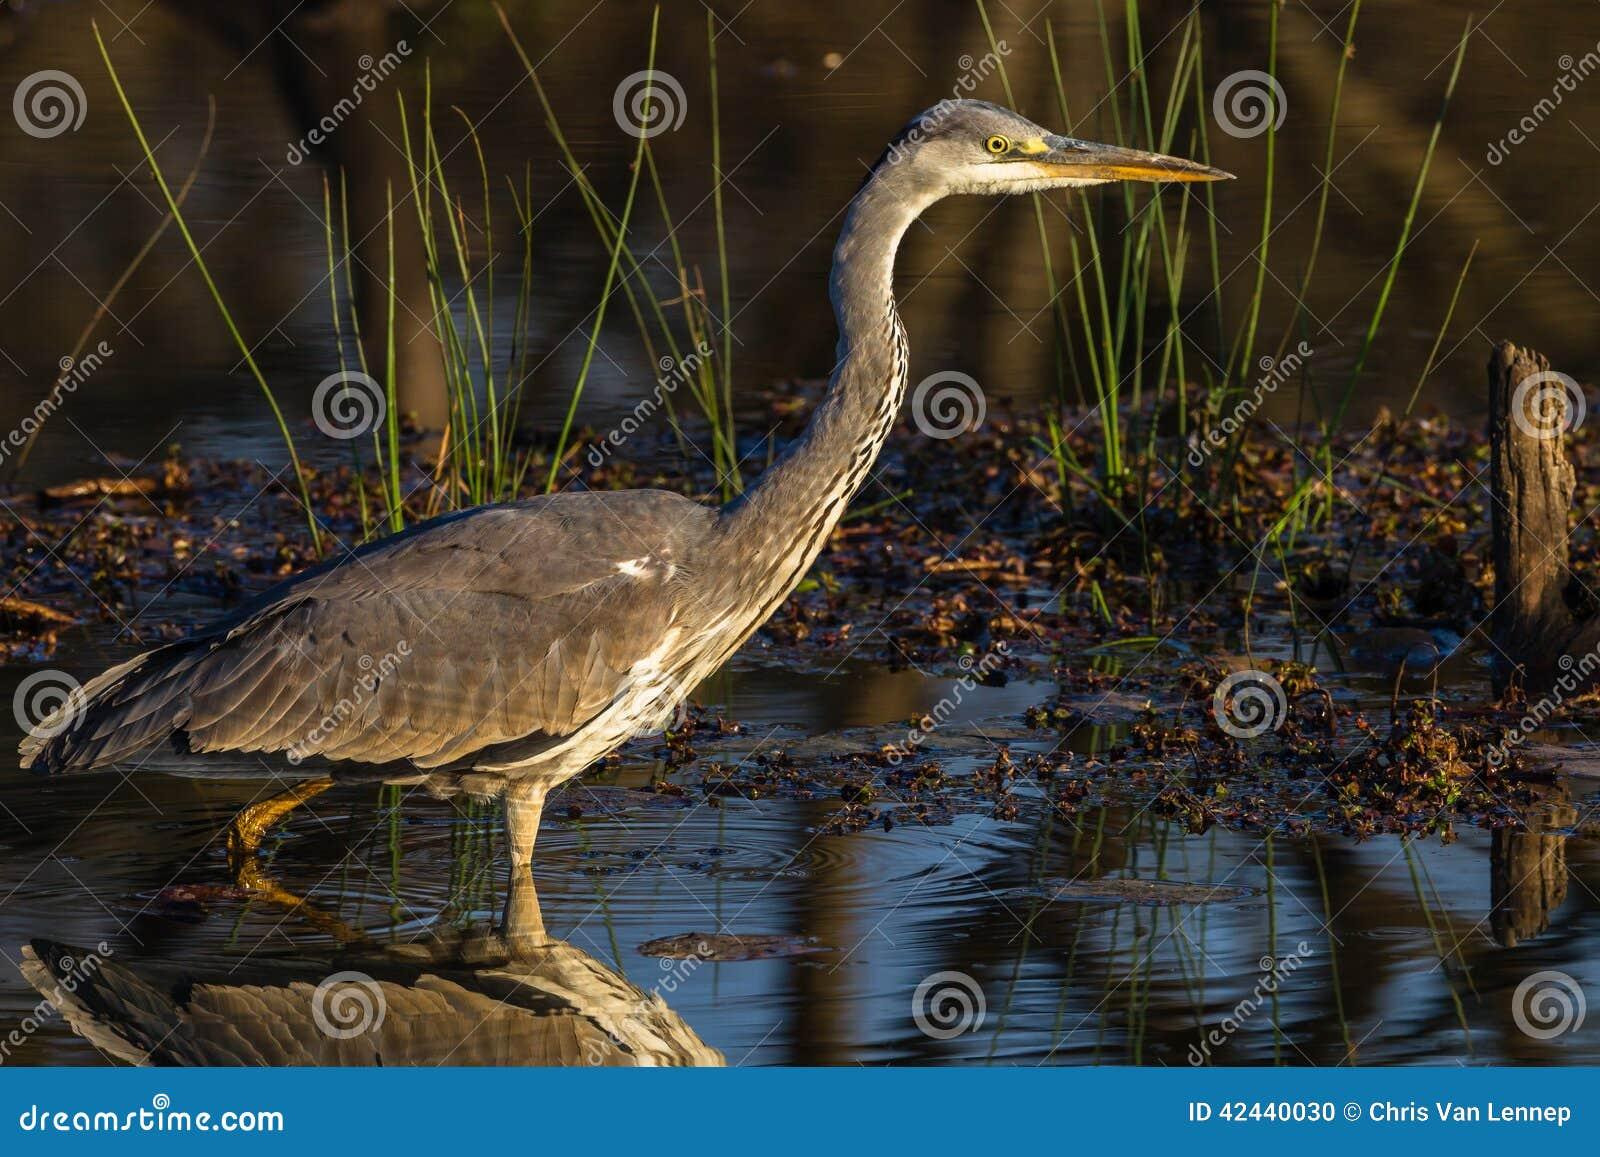 Fauna Grey Heron Bird Wetland